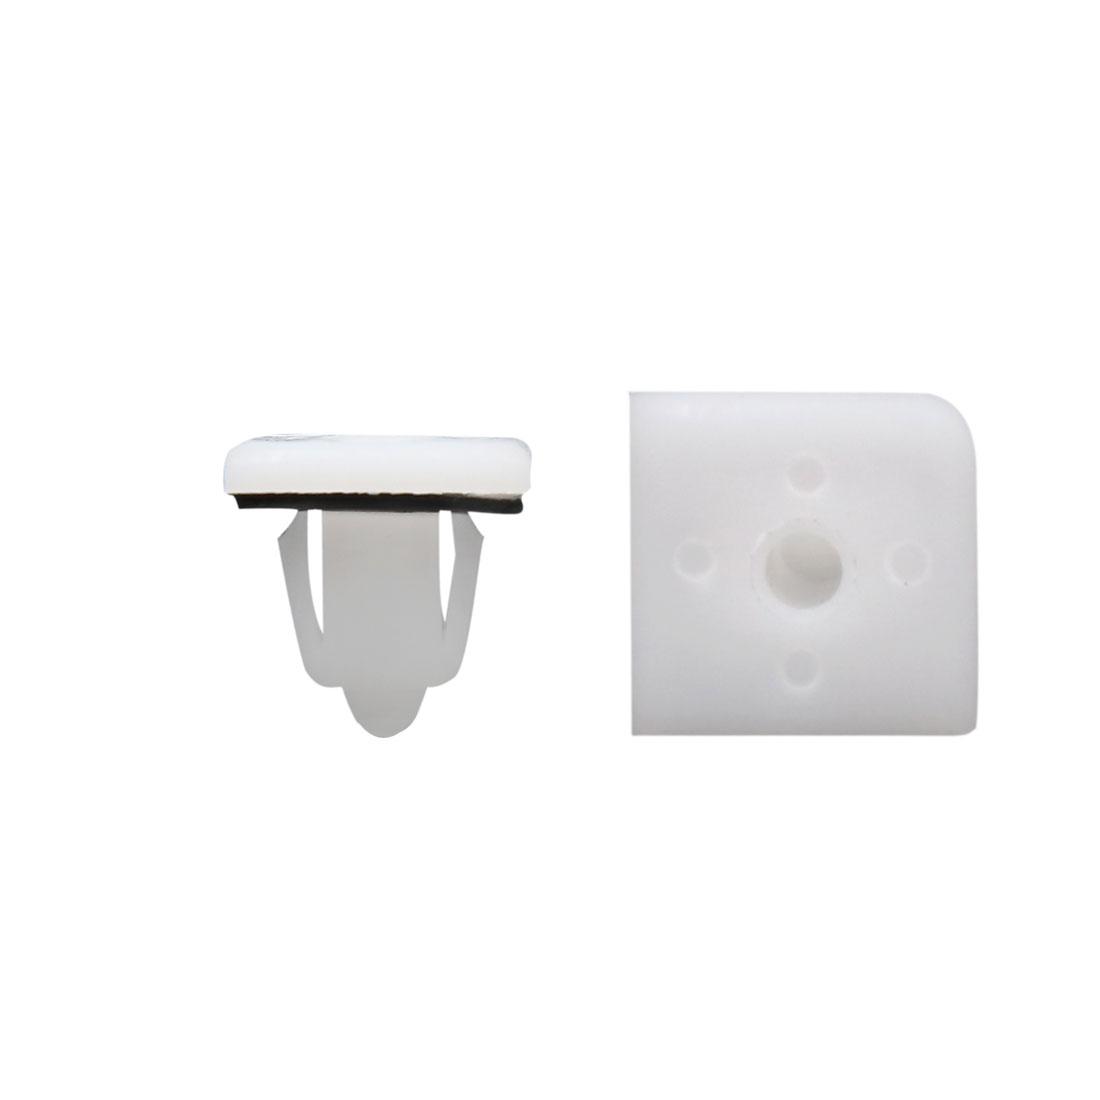 20 Pcs White Interior Trim Panel Car Door Plastic Clips 11mm Hole Diameter